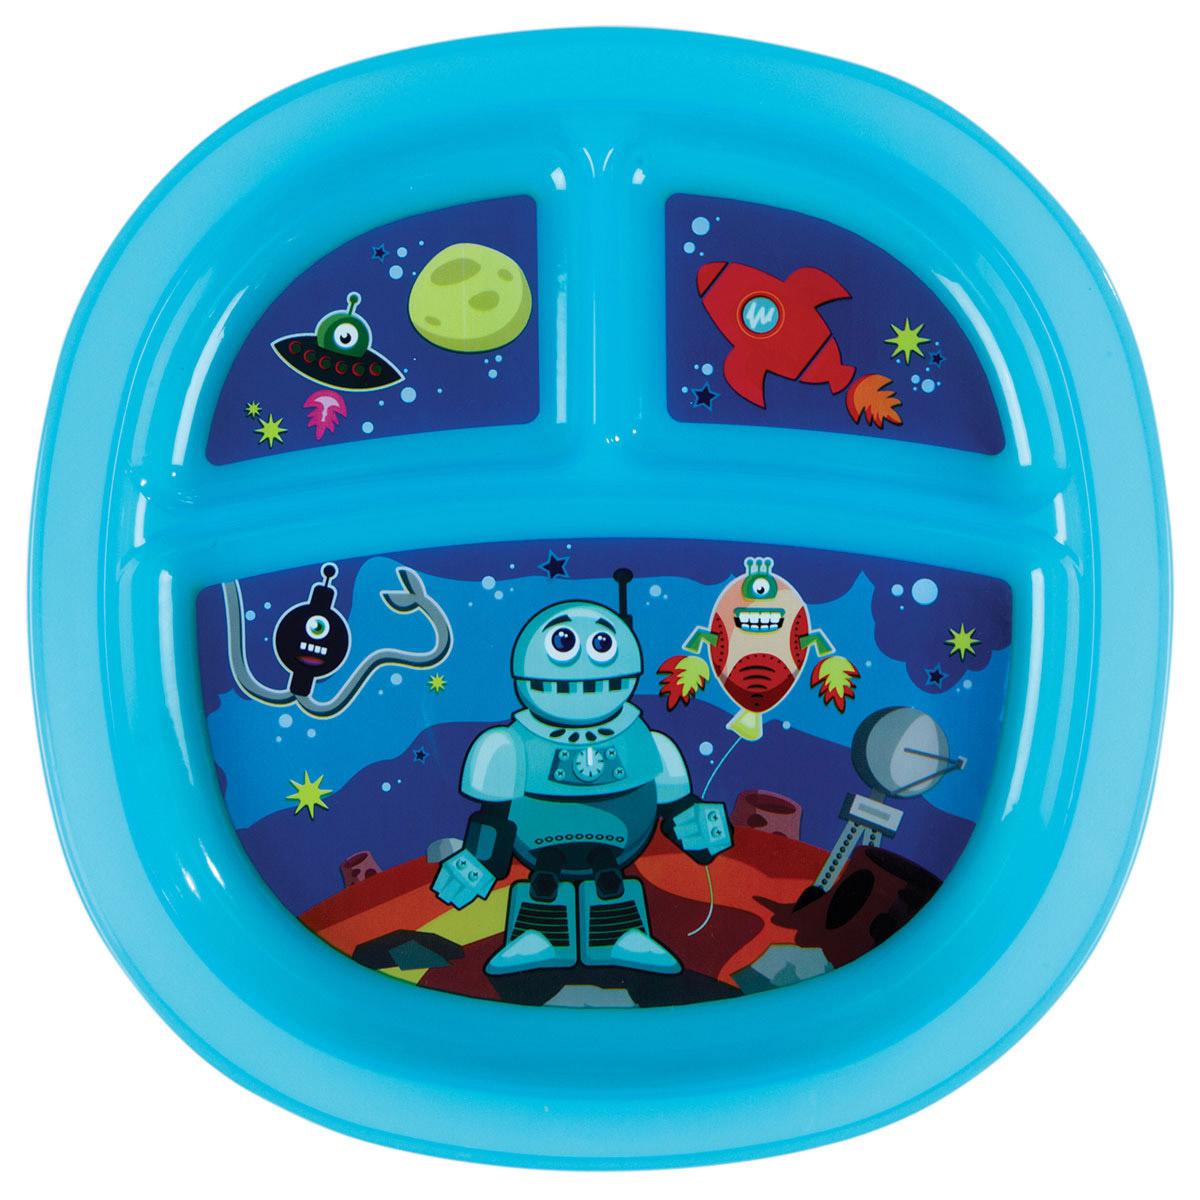 Munchkin Тарелка детская с разделителями цвет синий11396_синийДетская тарелка Munchkin прекрасно подойдет для кормления малыша от 6 месяцев.Тарелка выполнена из прочного безопасного пластика, не содержащего бисфенол-А, и оформлена яркими рисунками. Тарелка разделена на три секции, которые не позволят еде смешиваться. На дне тарелки имеются прорезиненные вставки, предохраняющие ее от скольжения.Детскую тарелку Munchkin можно использовать в микроволновой печи. Можно мыть на верхней полке в посудомоечной машине.